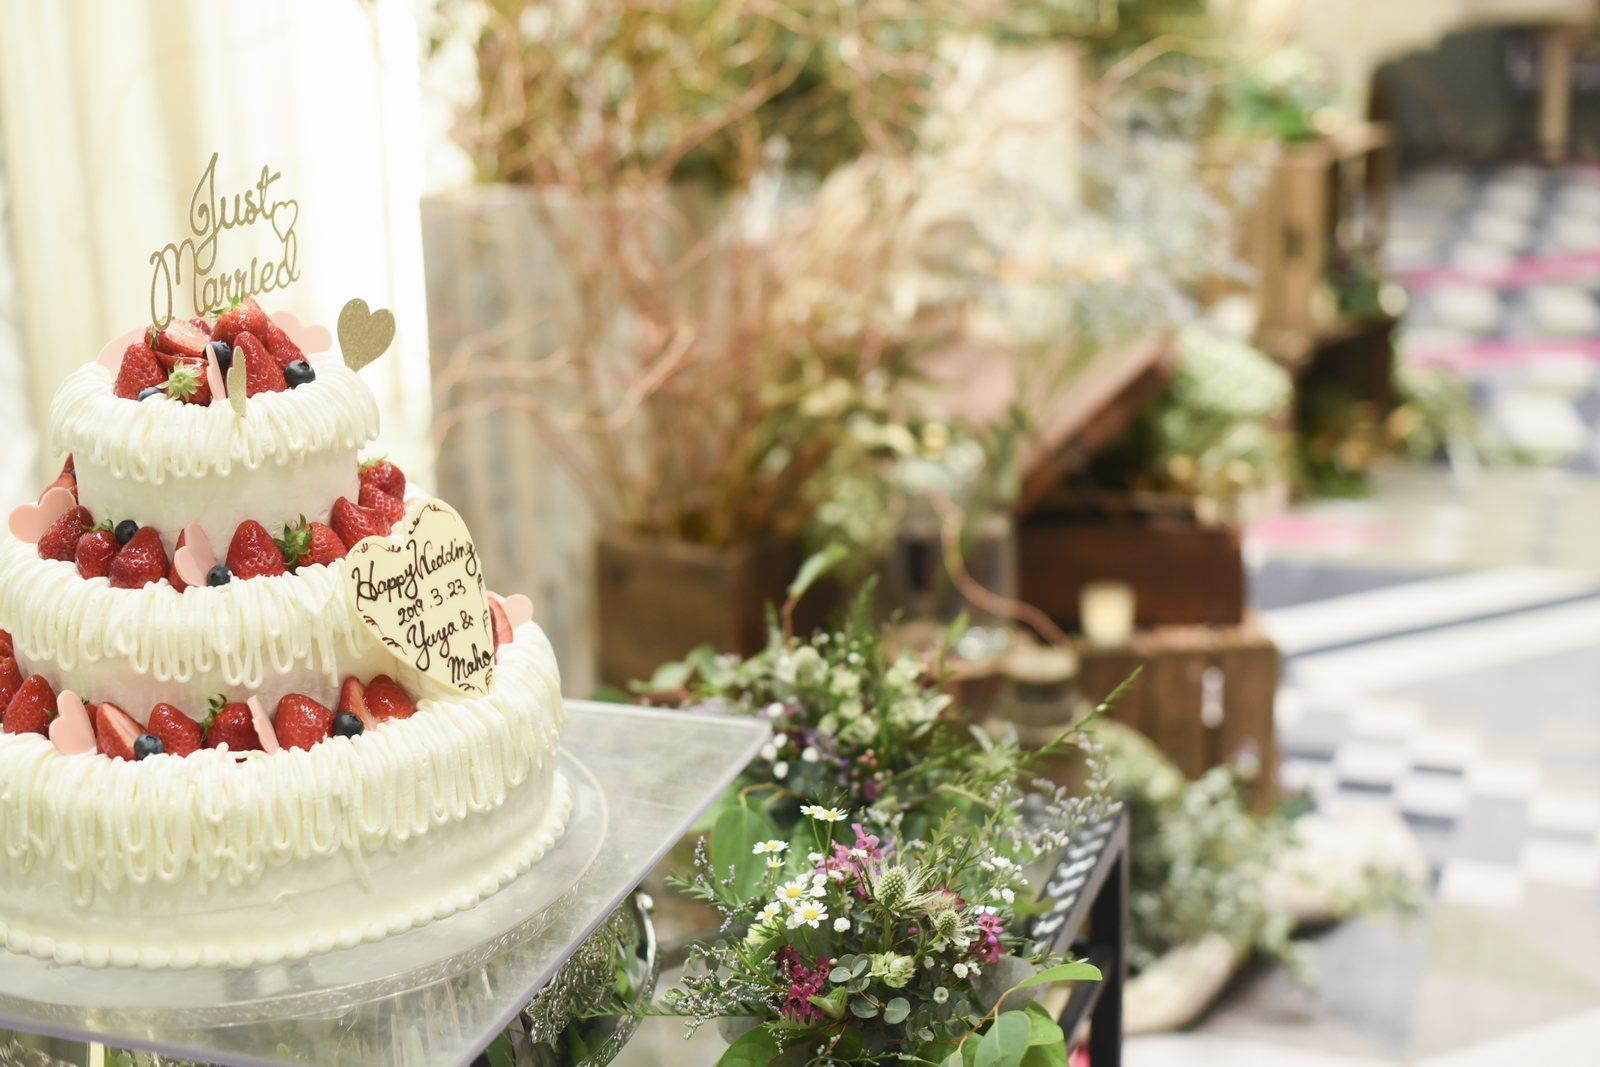 徳島市の結婚式場ブランアンジュのウェディングケーキの装飾もグリーンナチュラルに